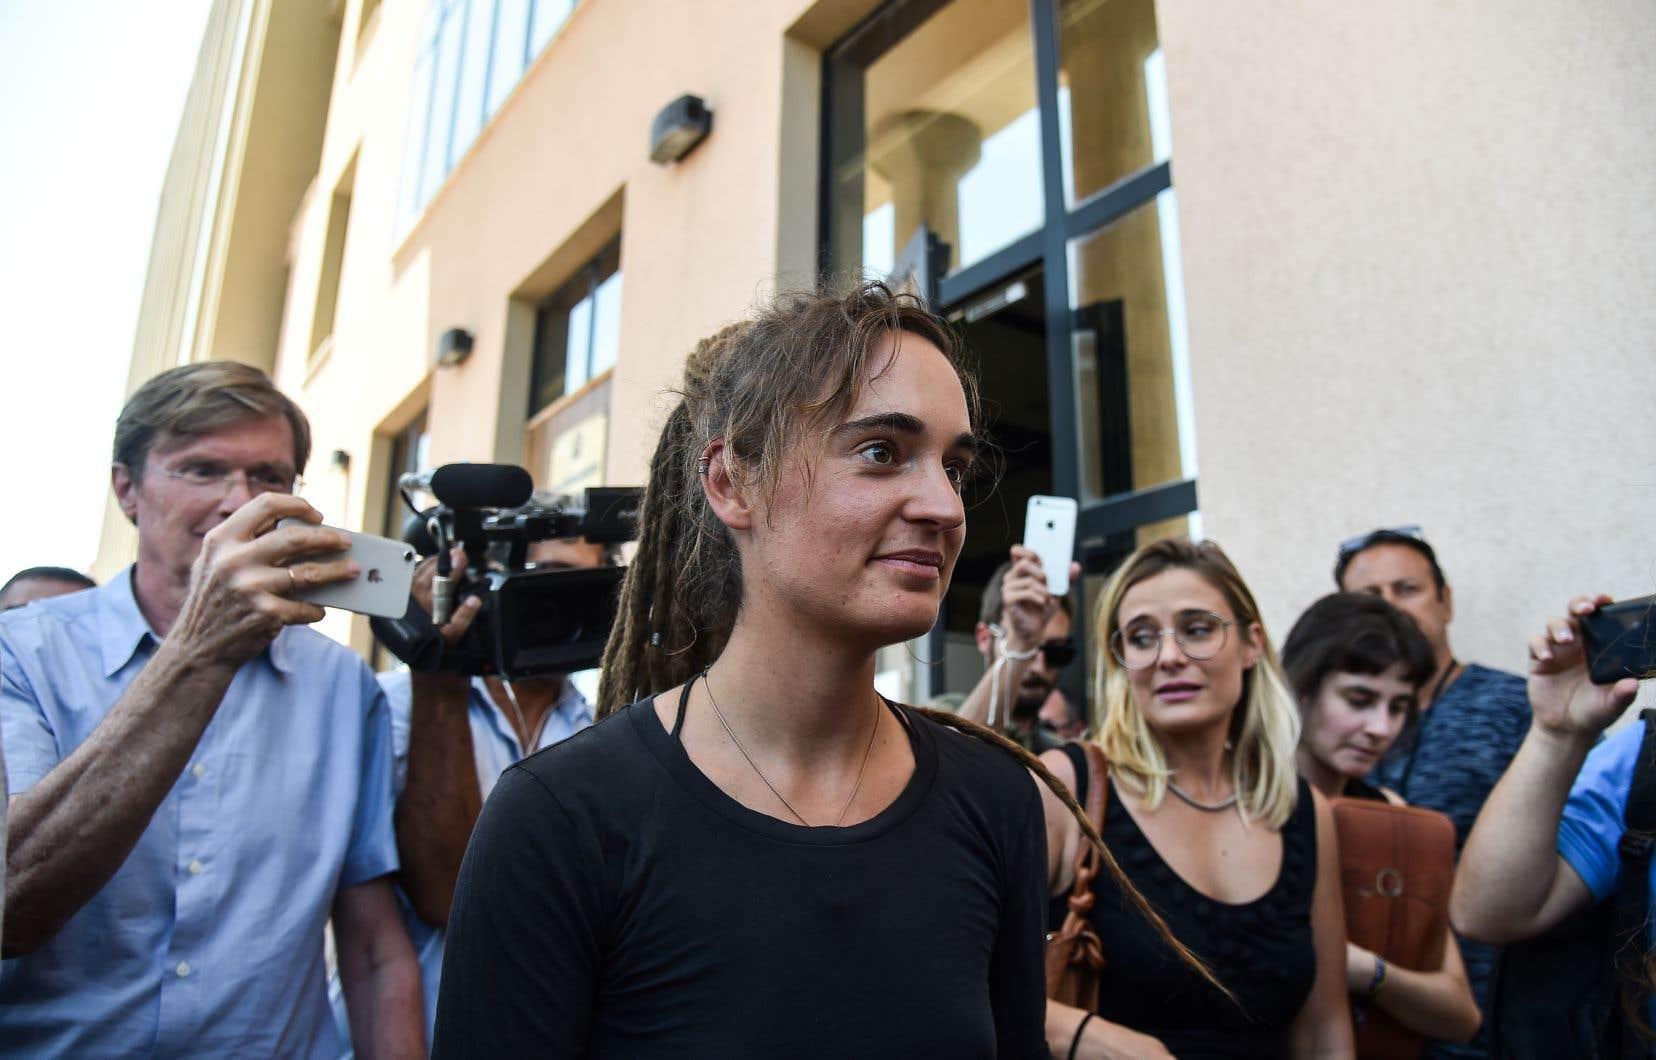 Carola Rackete, la capitaine du navire «Sea-Watch 3», a été arrêtée le 29 juin pour avoir pénétré dans les eaux territoriales italiennes malgré le veto du ministre italien de l'Intérieur.